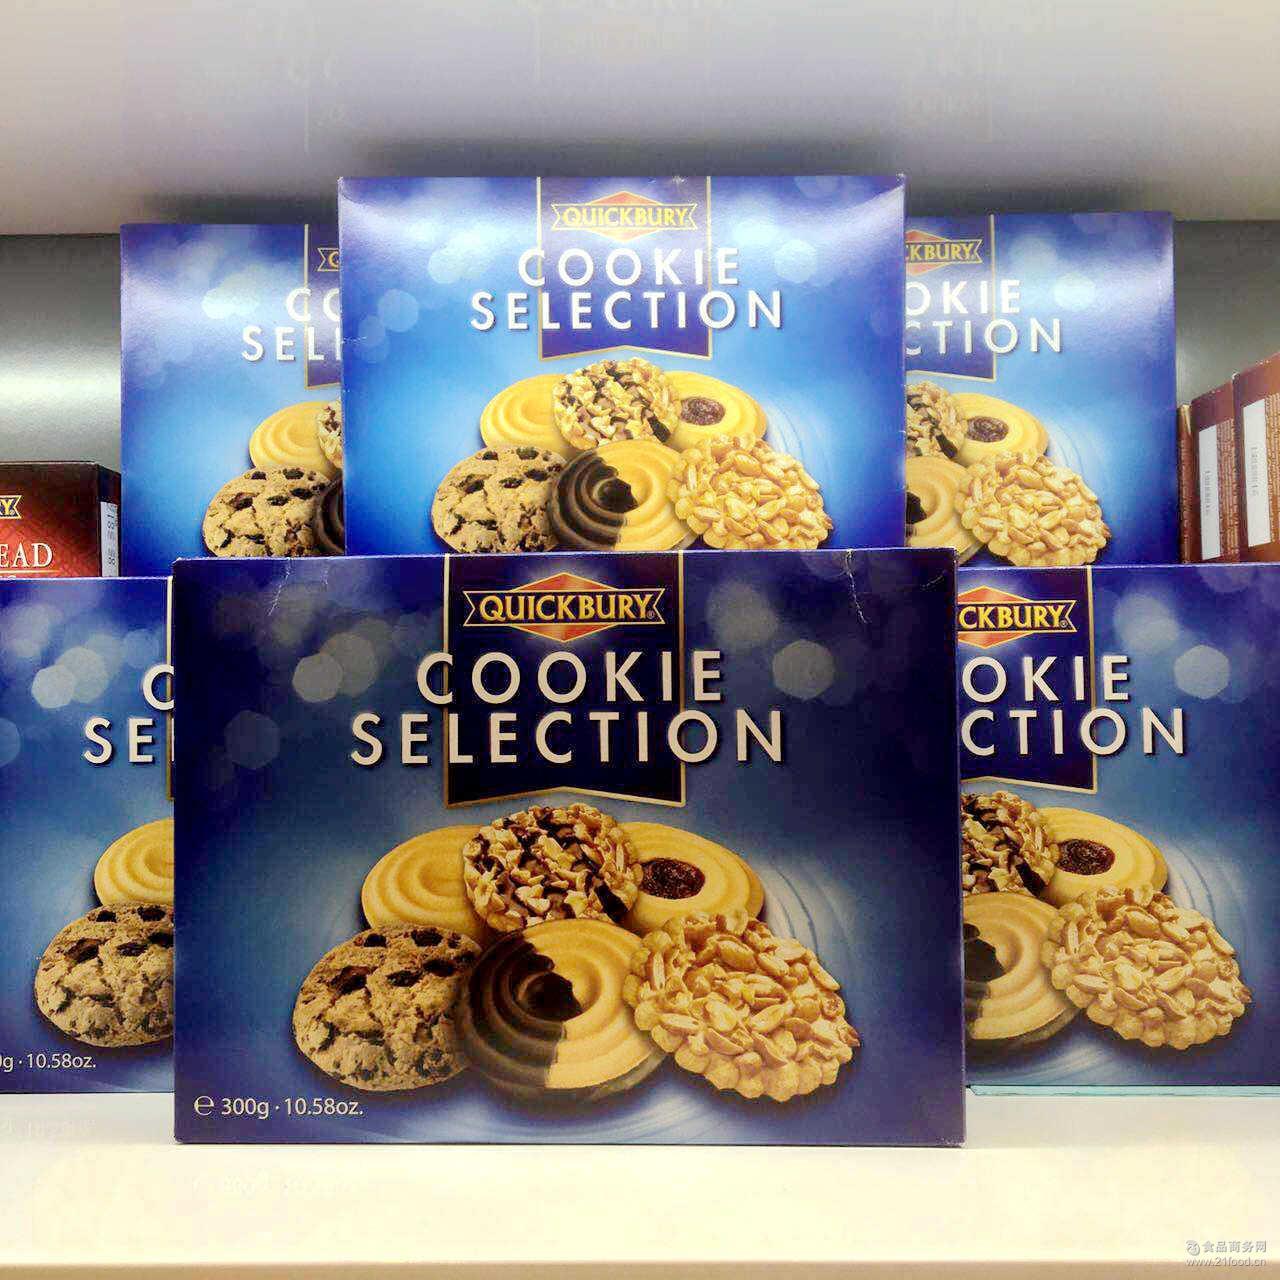 大量现货 懒人早餐 办公室零食 德国进口捷百瑞混合曲奇饼干 饼干